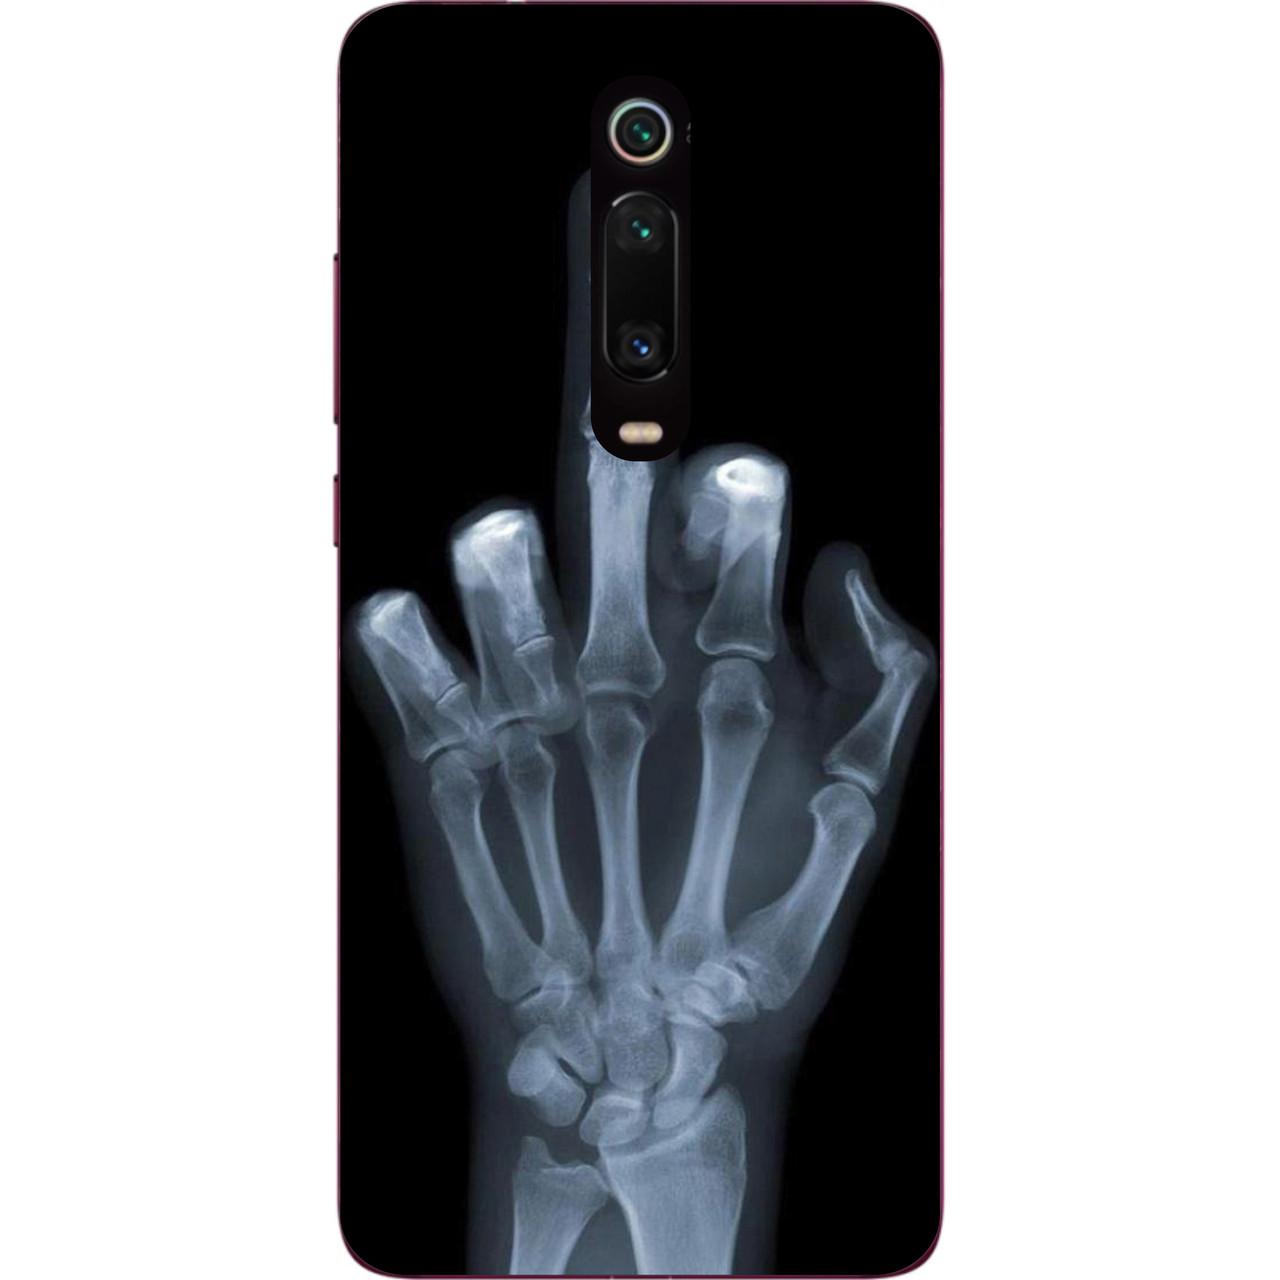 Чохол силіконовий для Xiaomi Mi 9t / K20 / Mi 9t Pro / K20 Pro з картинкою Рентген